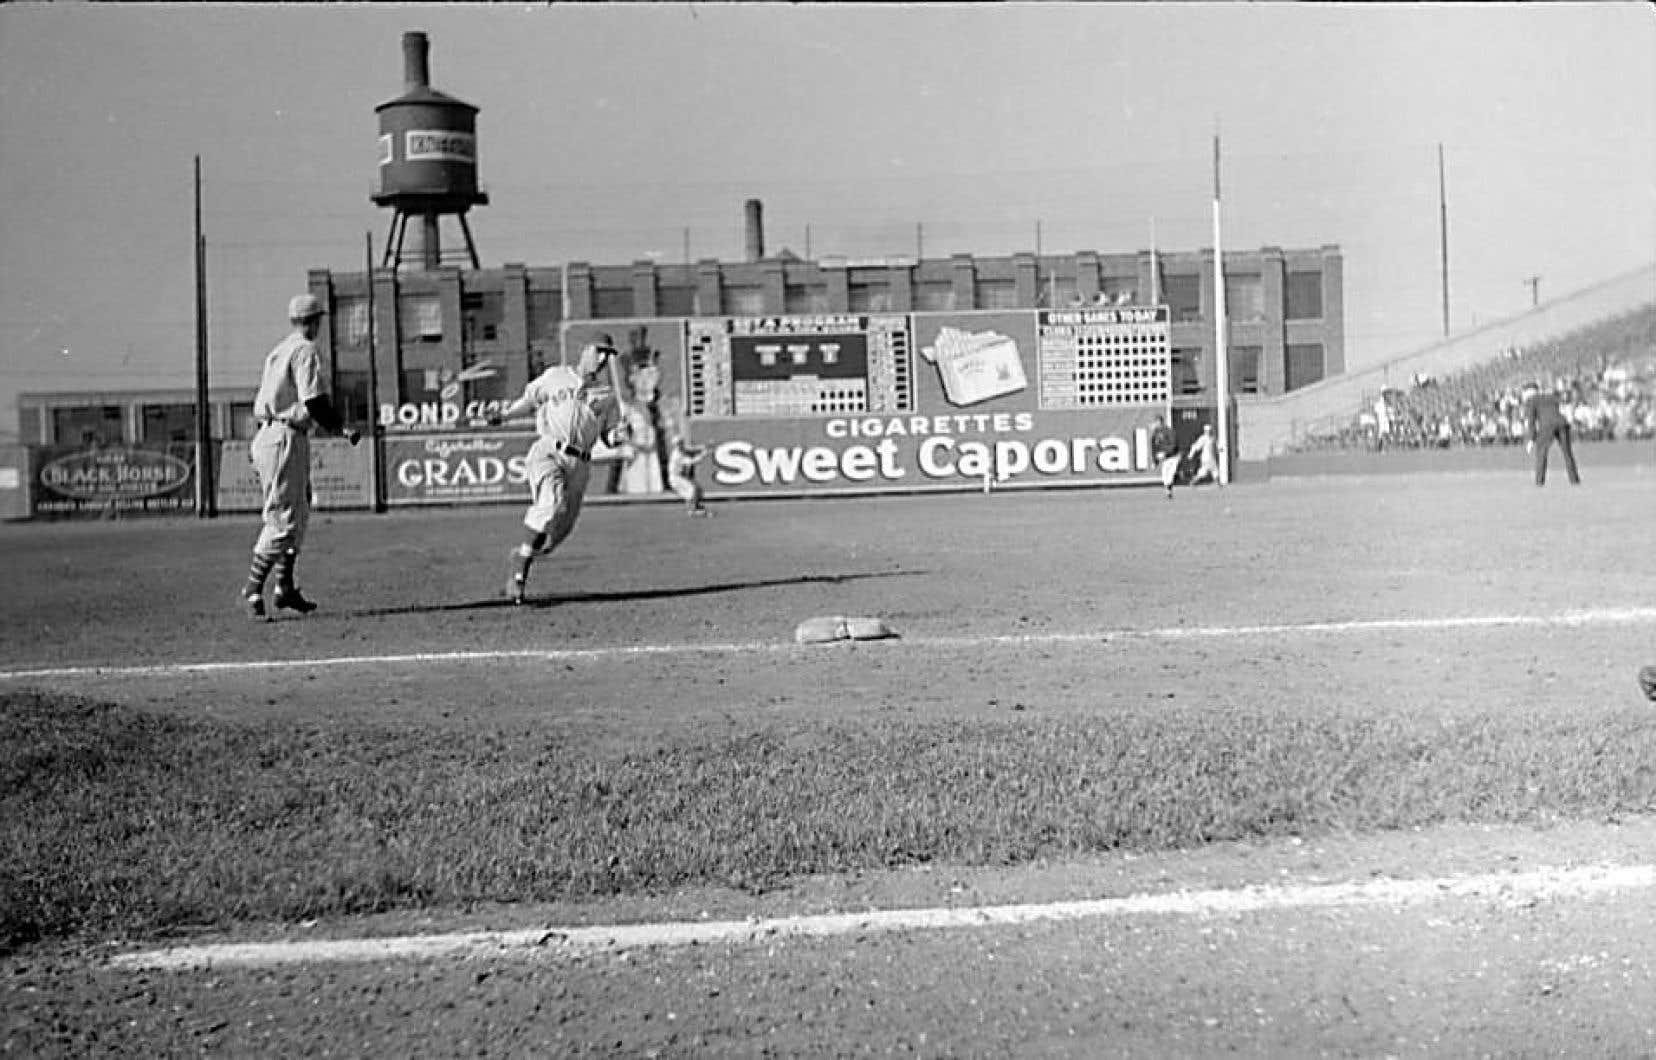 28mai 1937. Le receveur des Royaux Norman Kies s'apprête à contourner le troisième but lors d'un match de baseball opposant l'équipe montréalaise aux «Toronto Maple Leafs», au stade De Lorimier à Montréal.